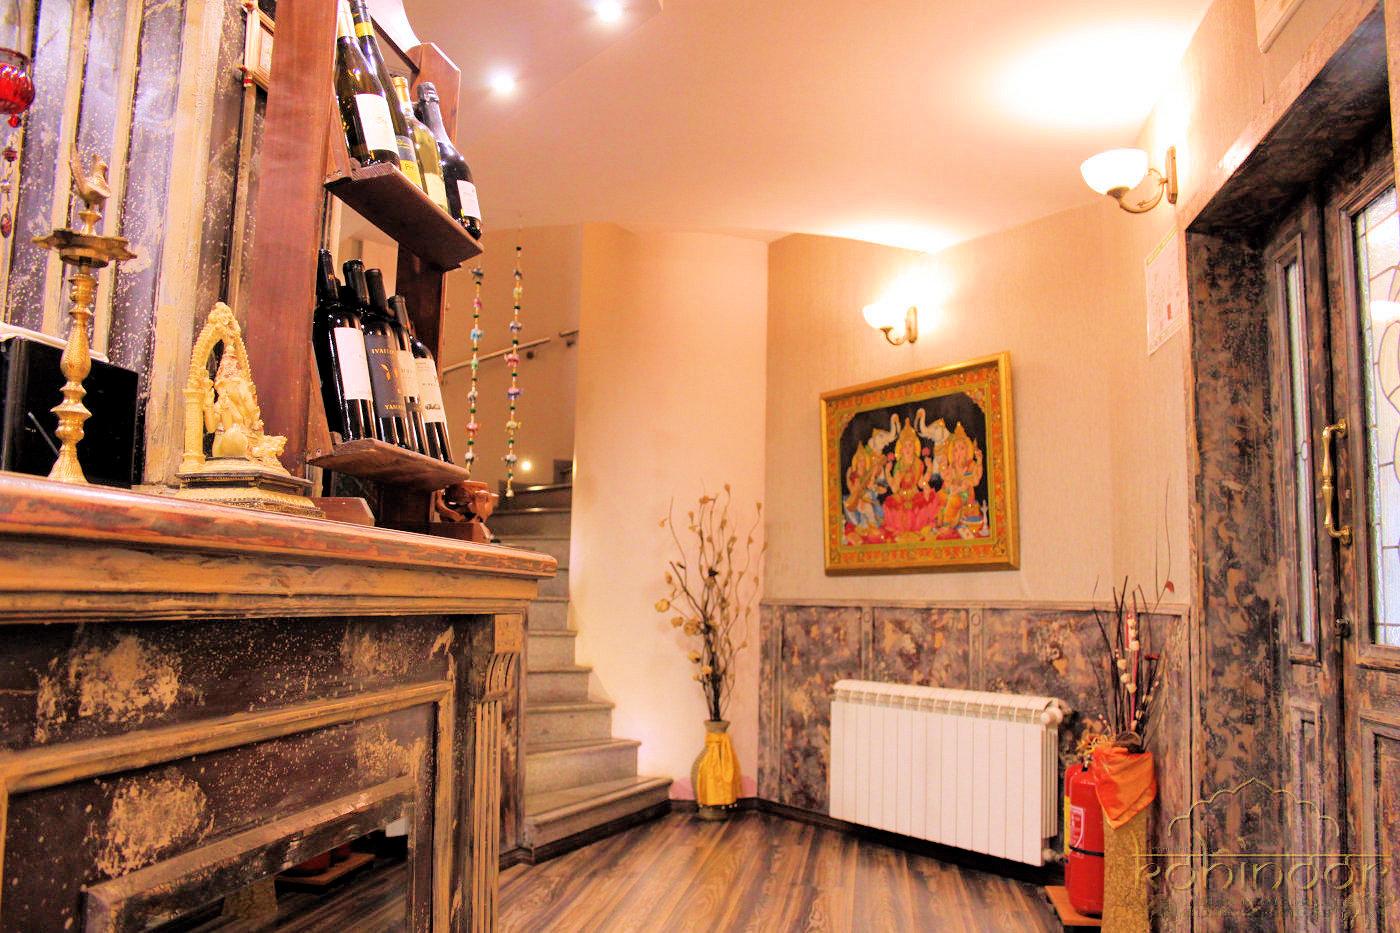 Indian restaurant in Sofia, interior